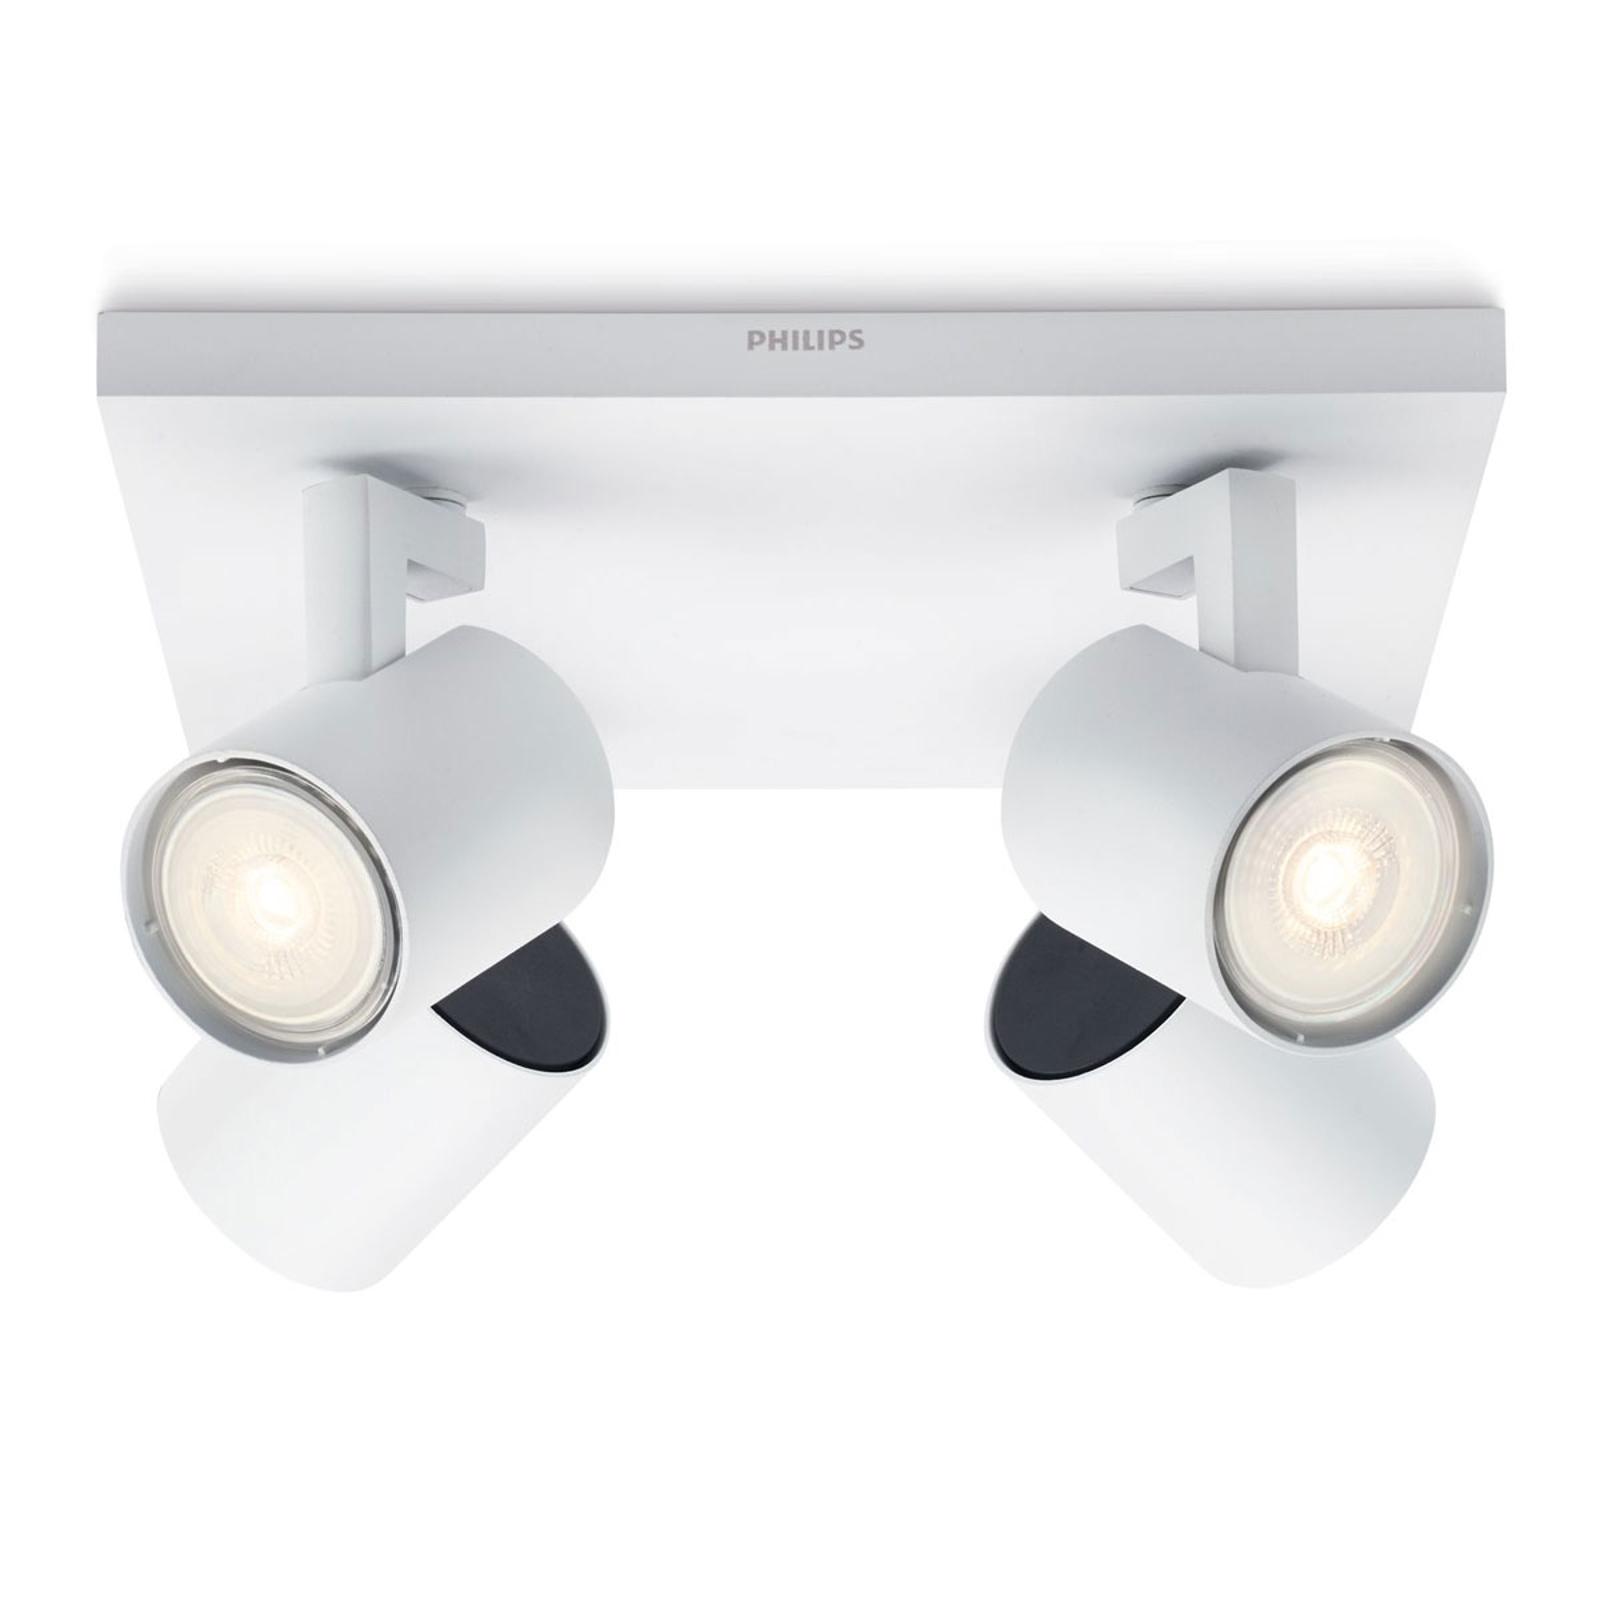 Philips Runner LED-loftlampe hvid 4 lyskilder